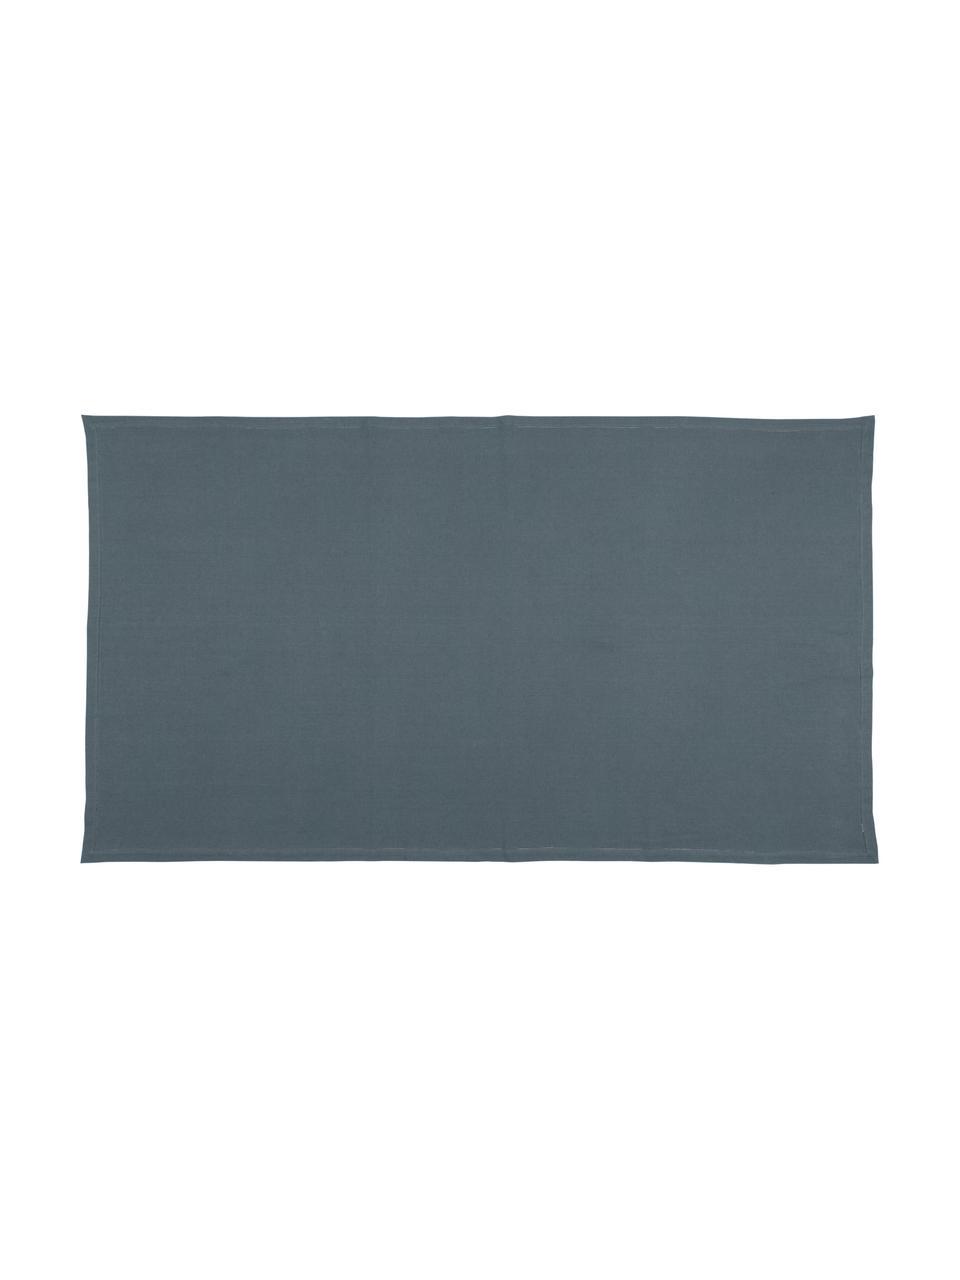 Baumwoll-Tischdecke Indi mit Lochstickerei, Baumwolle, Dunkelgrau, Für 6 - 10 Personen (B 140 x L 250 cm)